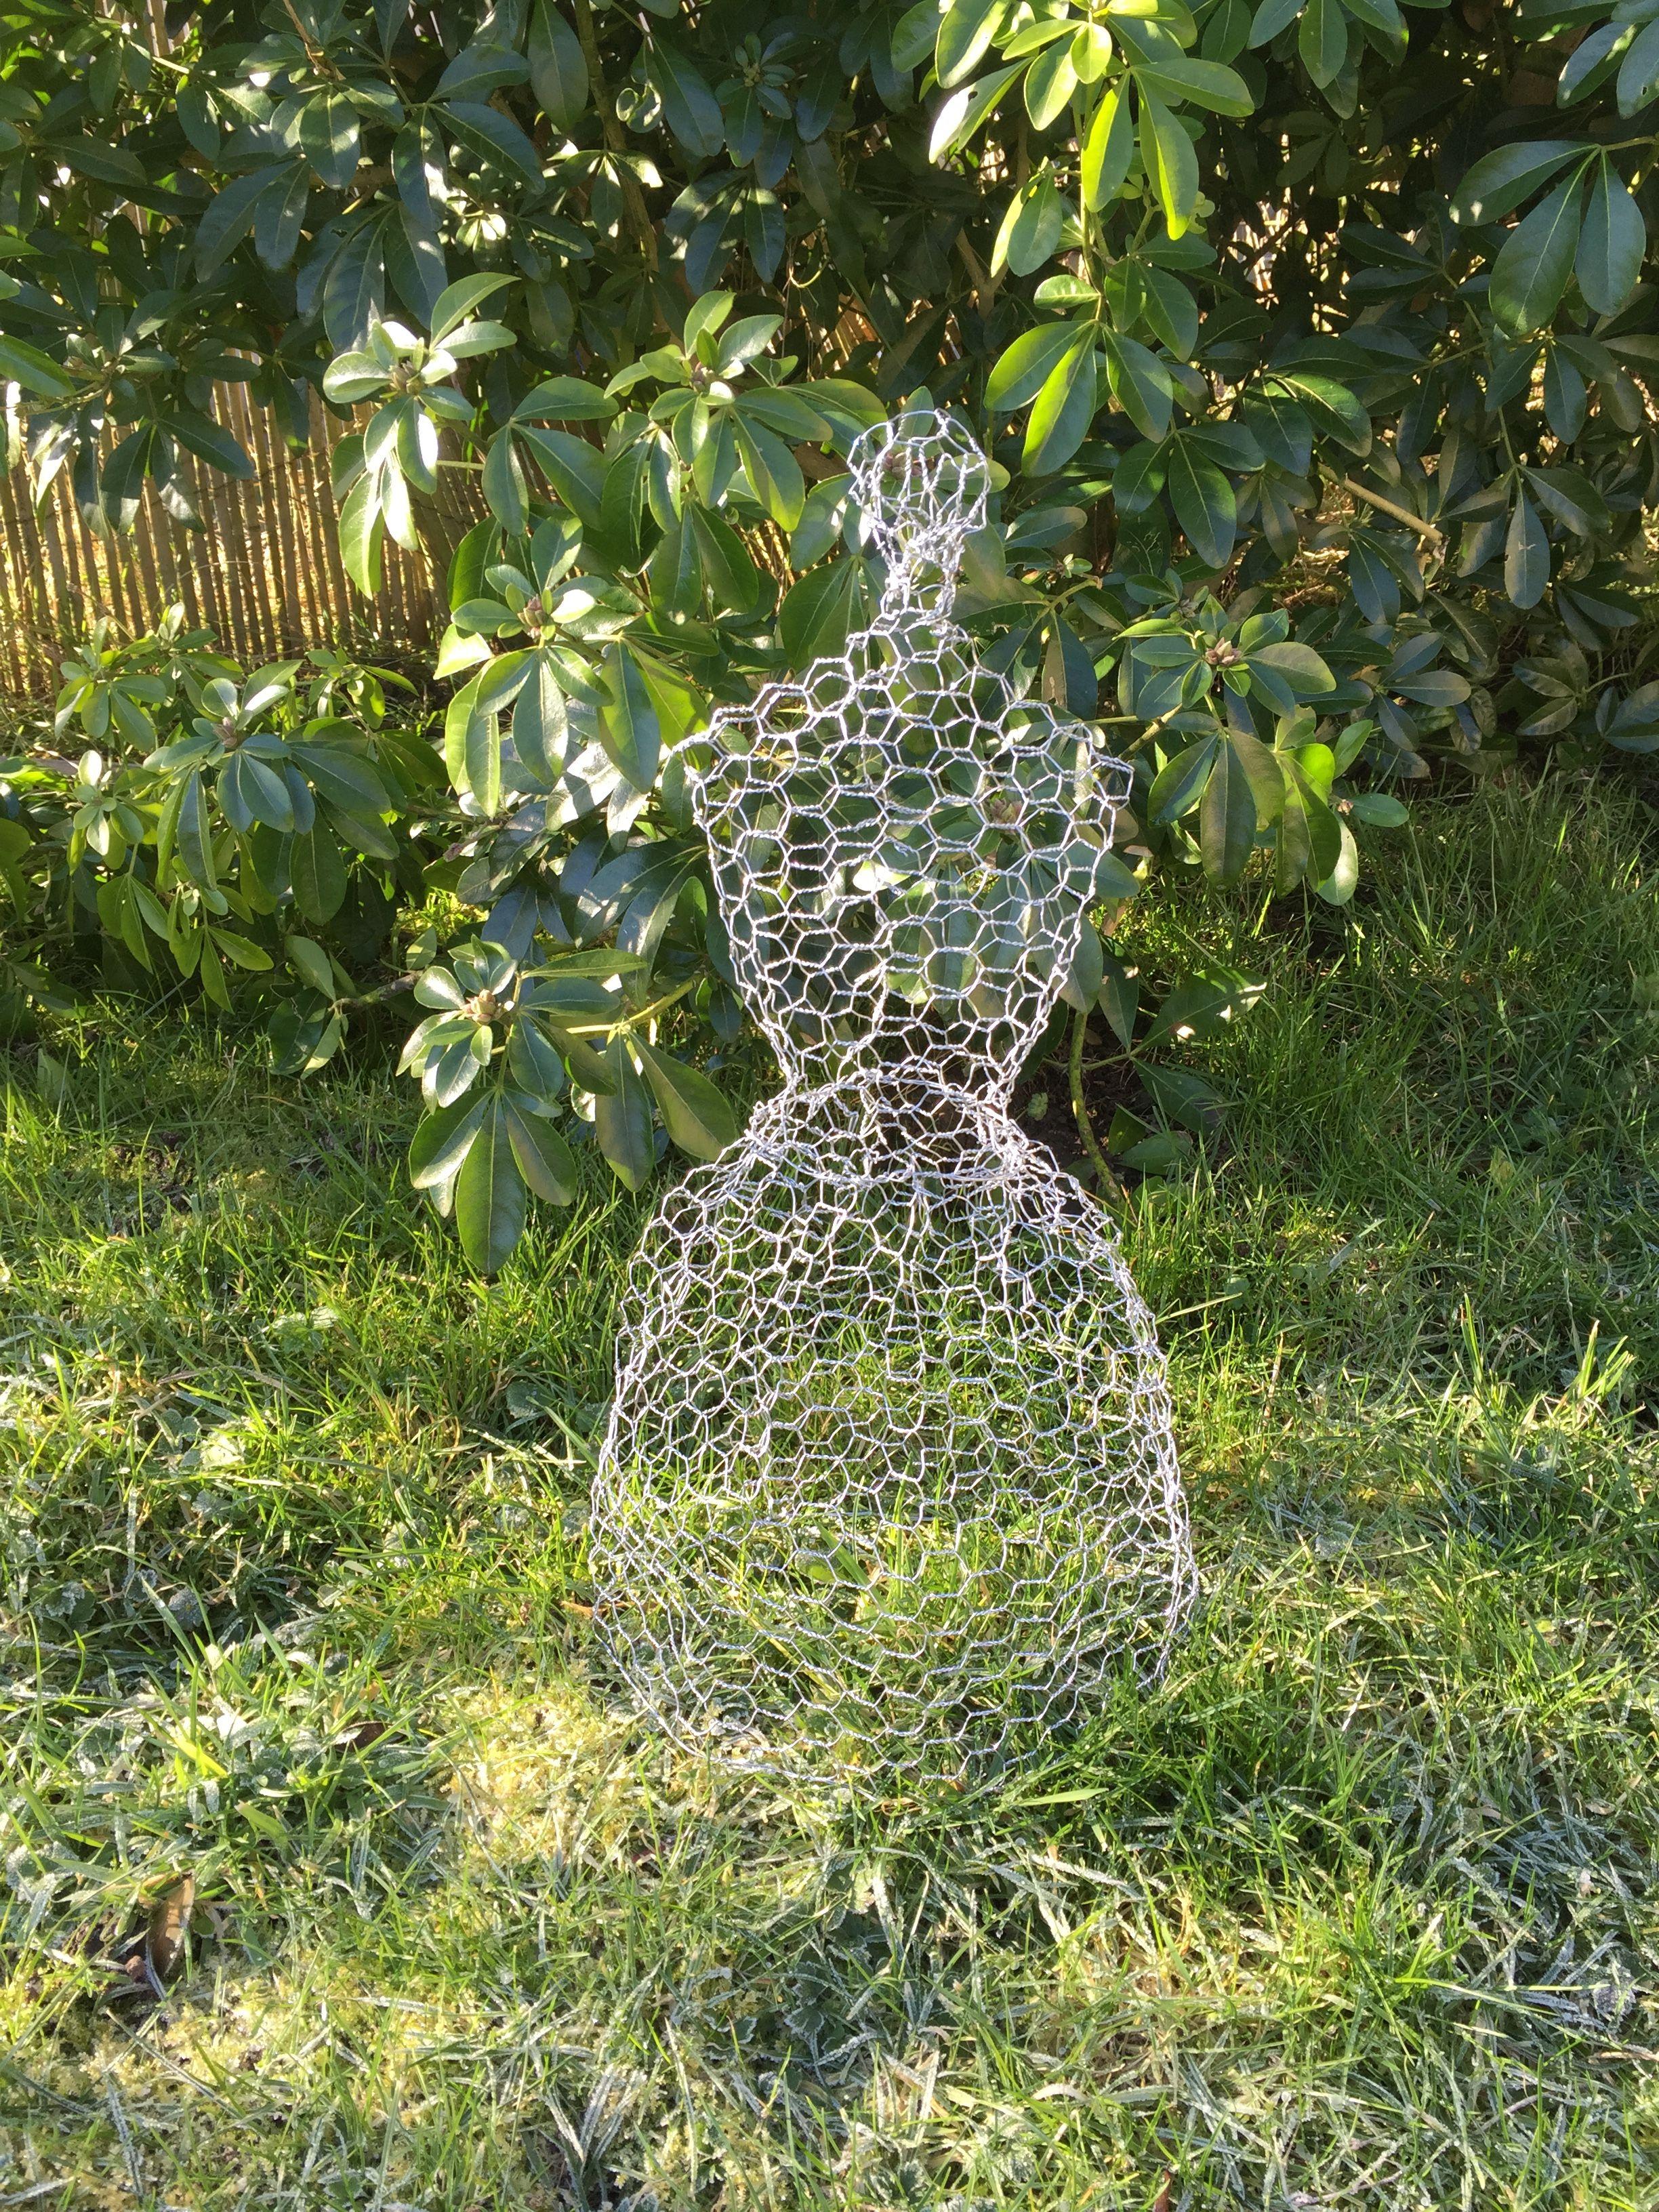 sculpture de jardin en grillage poule ardoises et grillage poule pinterest sculptures. Black Bedroom Furniture Sets. Home Design Ideas